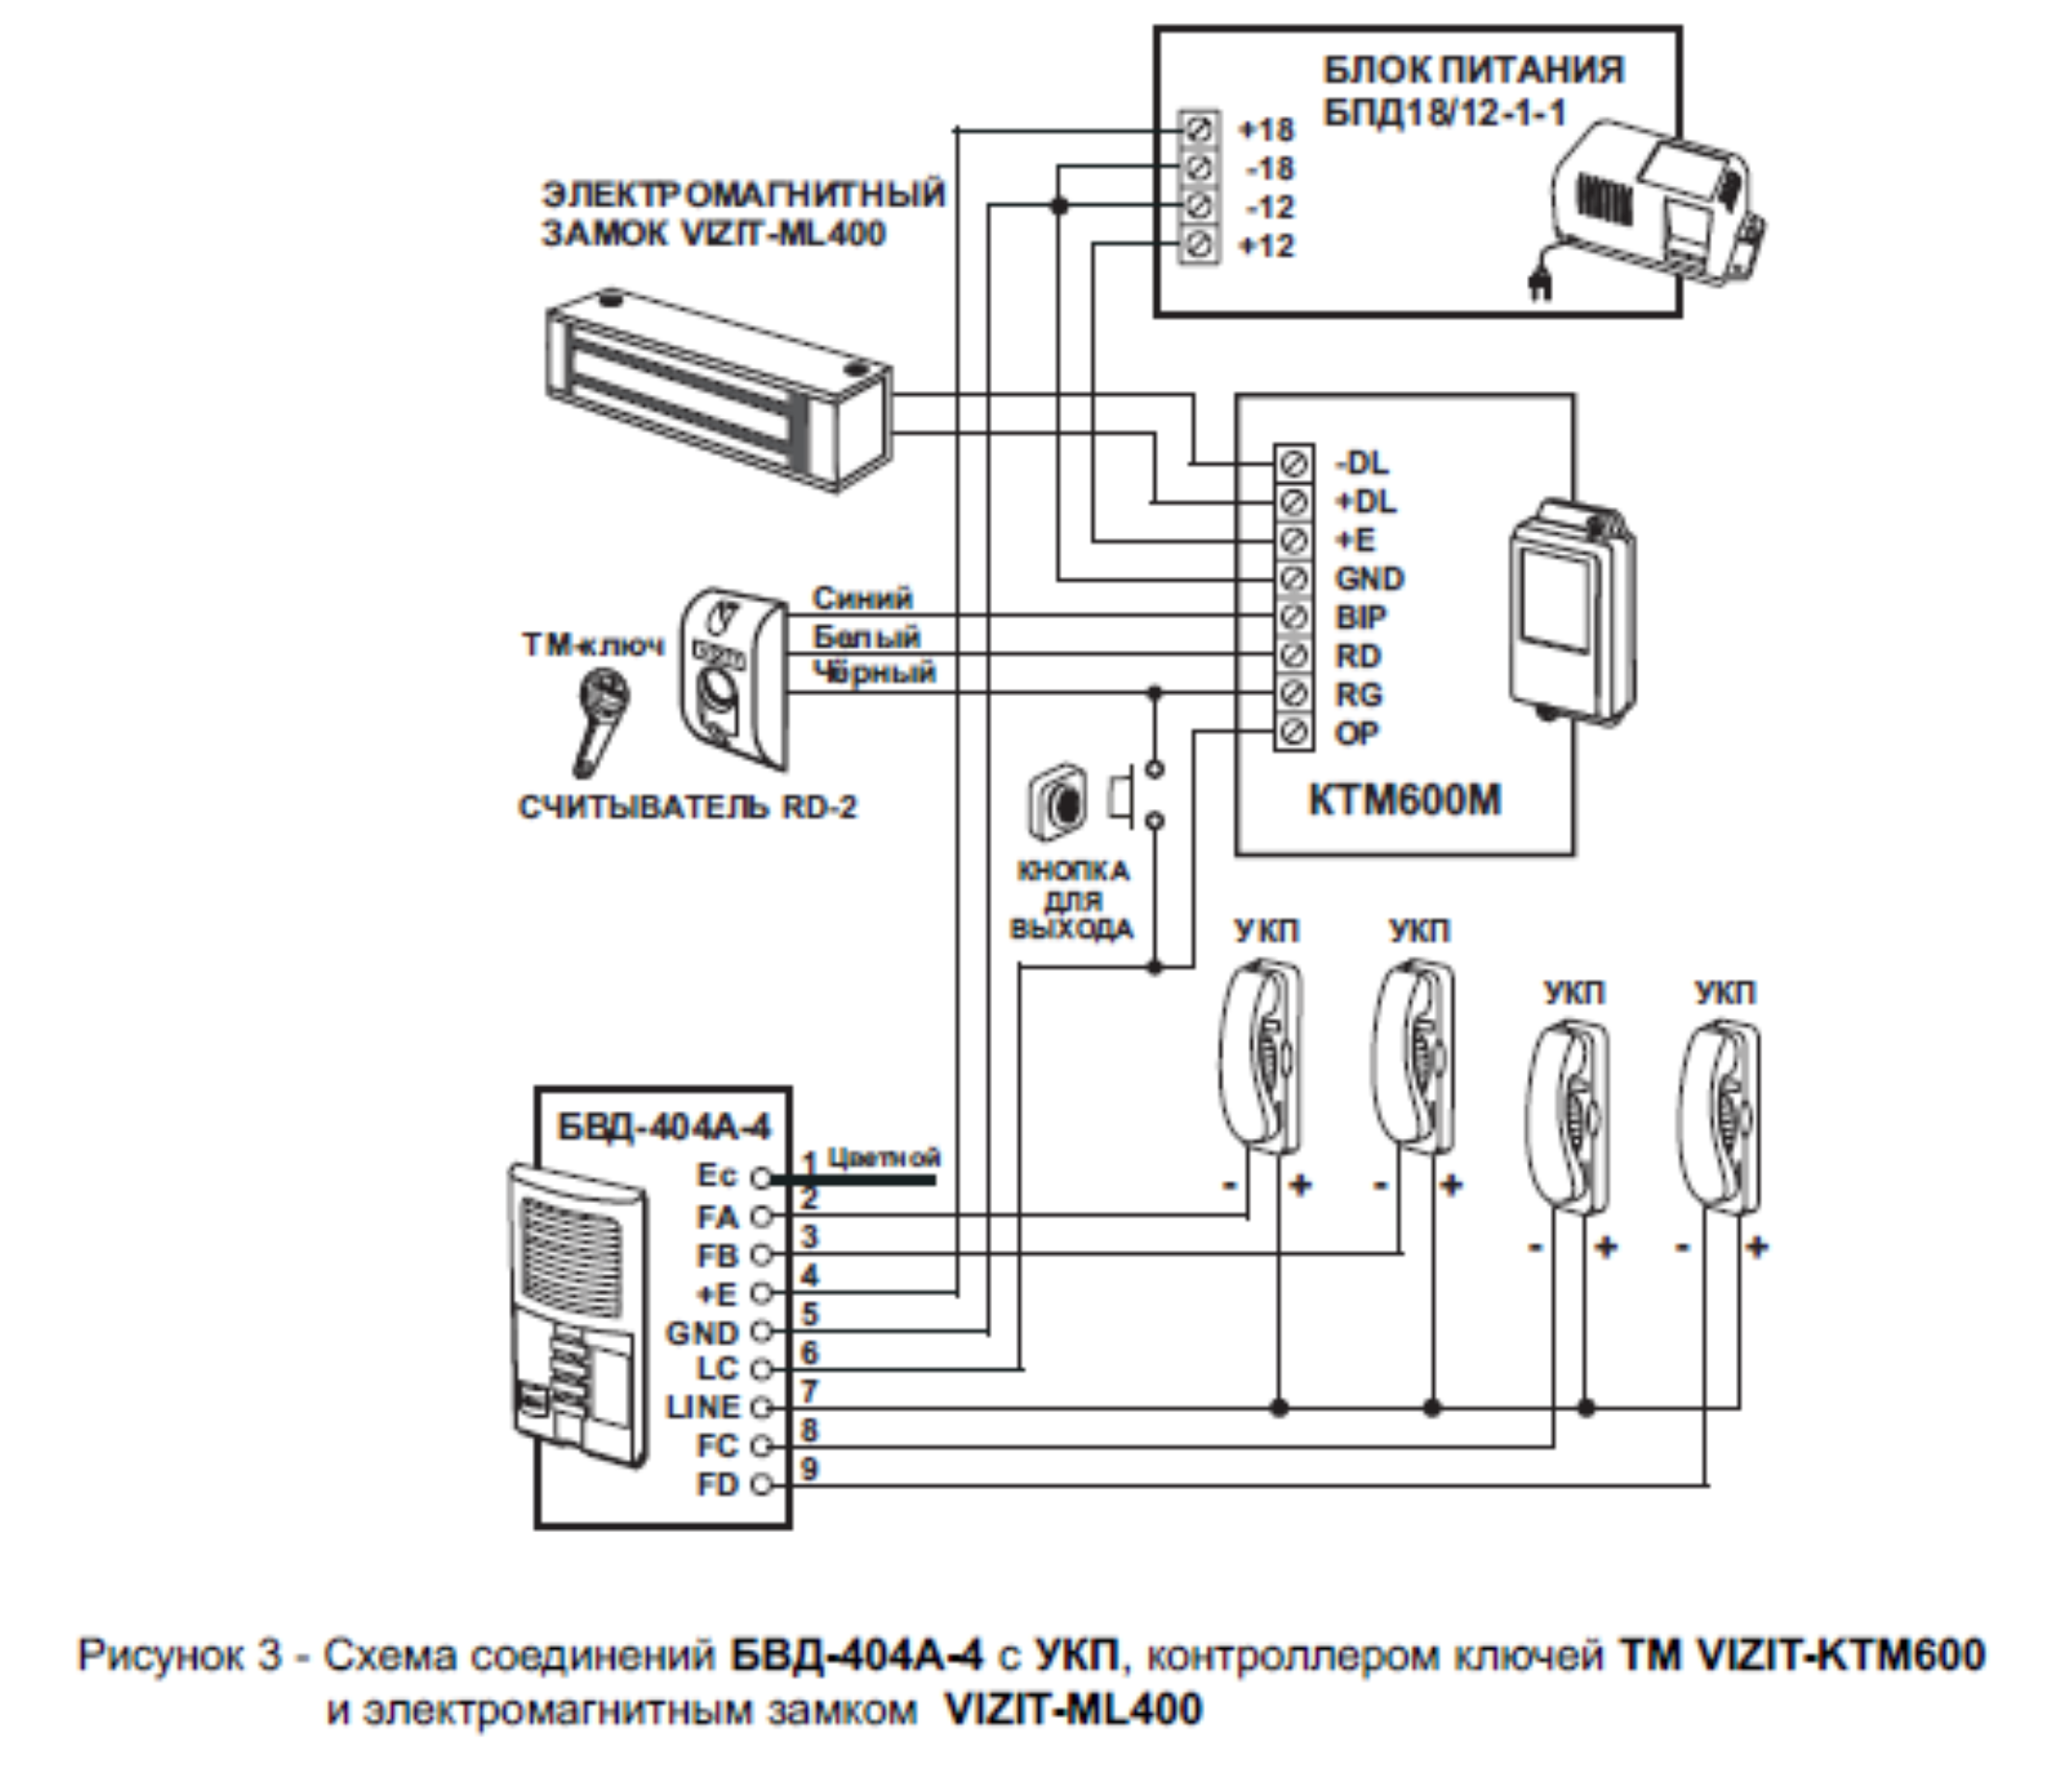 Электромагнитный замок с контроллером с домофоном схема подключения